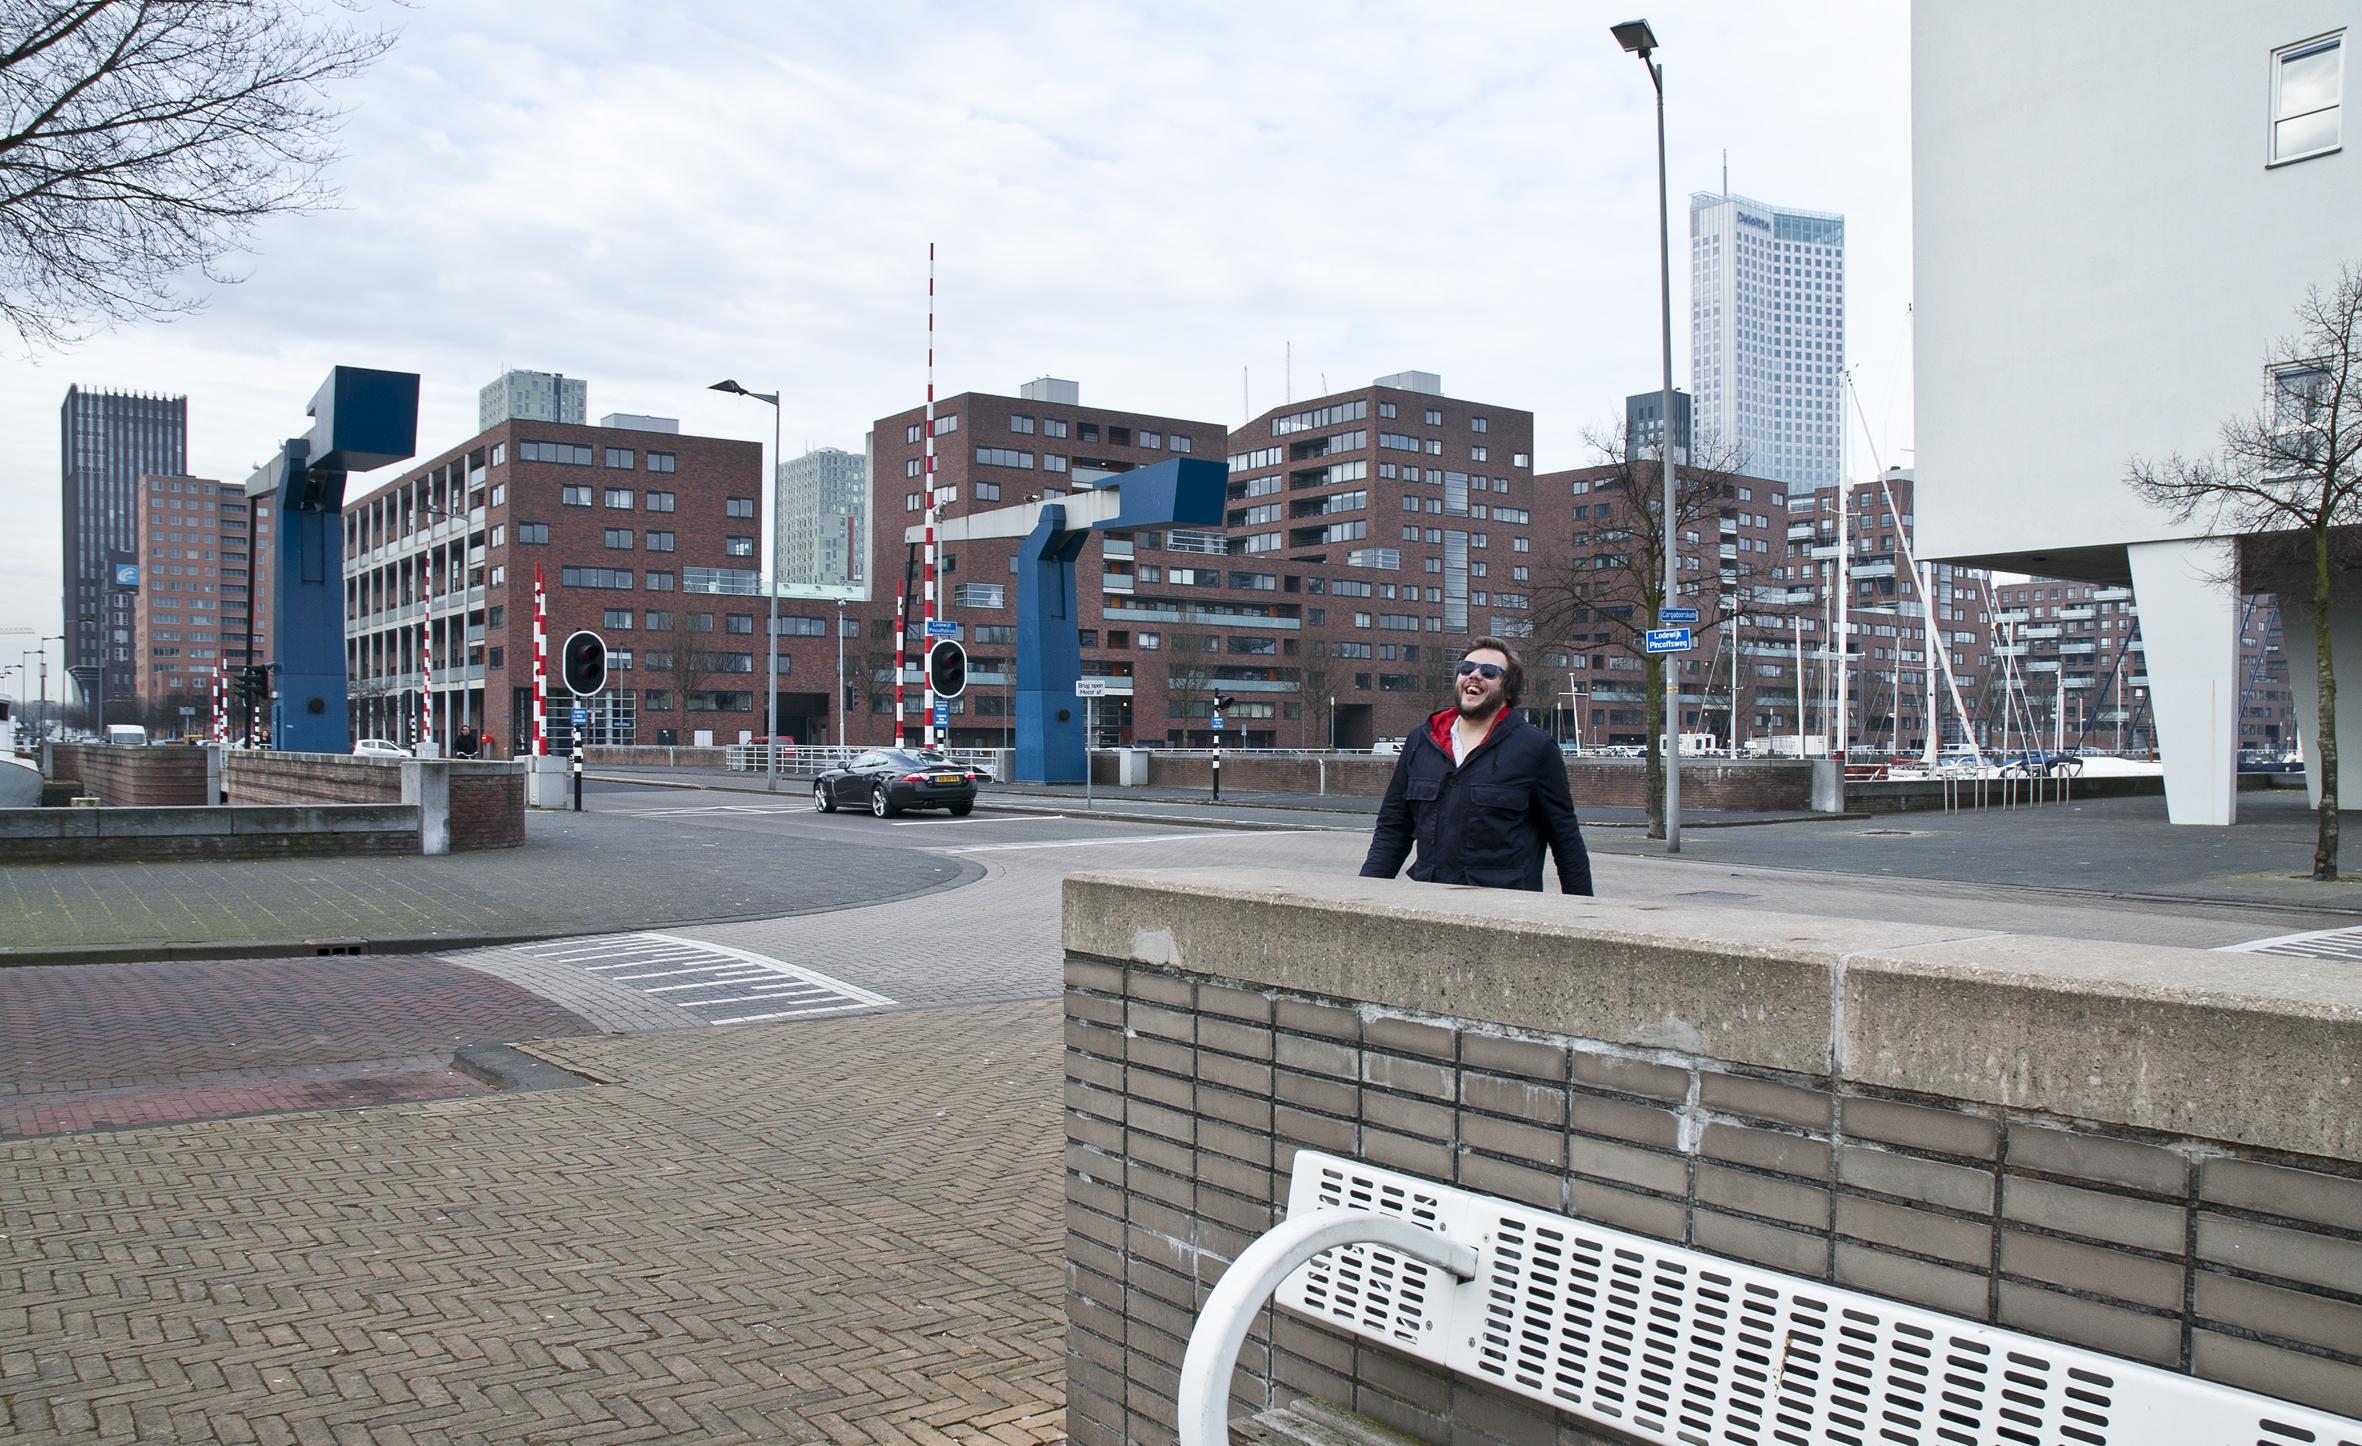 Lodewijk Pincoffsweg, officiële straatnaam van Rotterdam bij beslissing van B&W sinds 23 oktober 1992